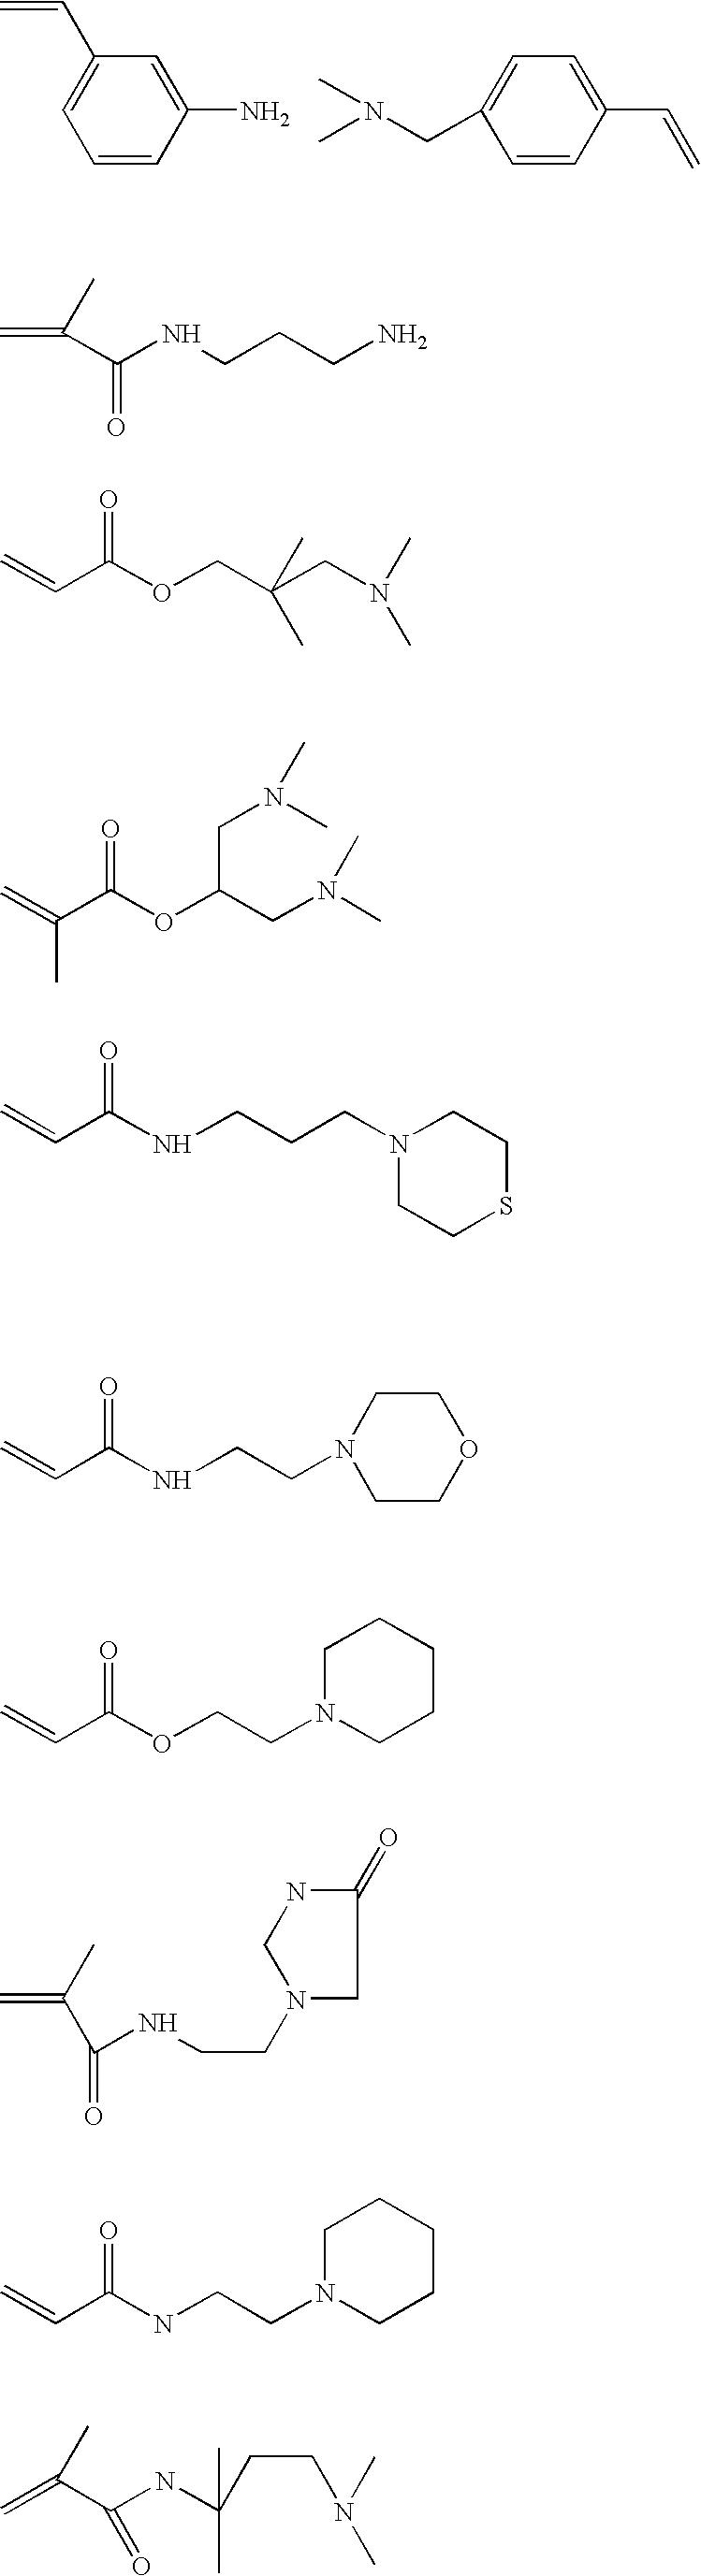 Figure US20100166844A1-20100701-C00023